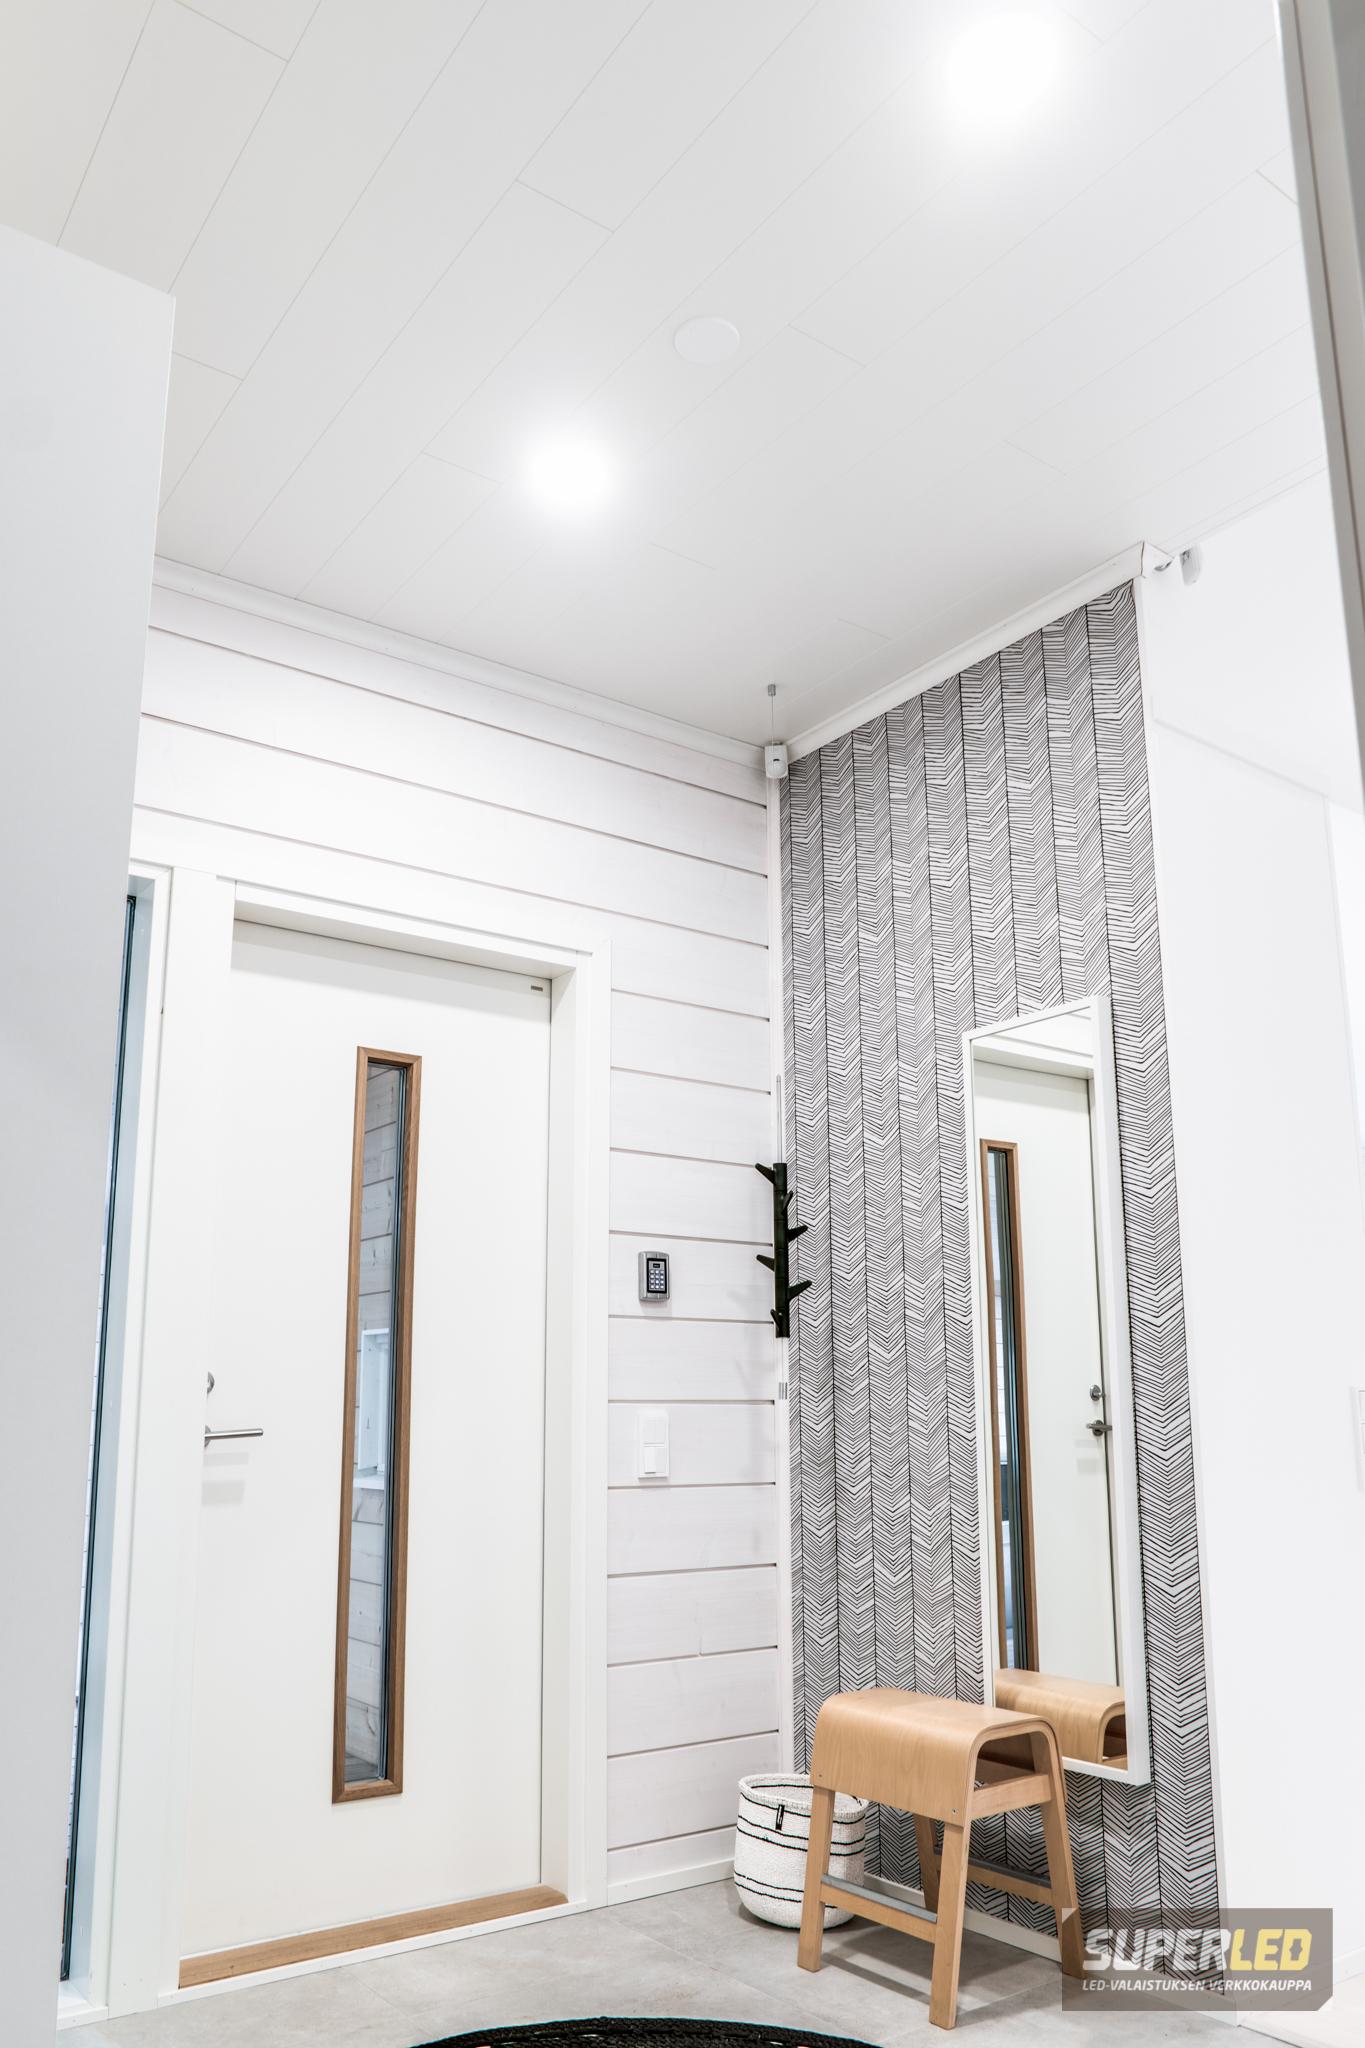 Oikein valaistu huone on kodikas ja käytännöllinen